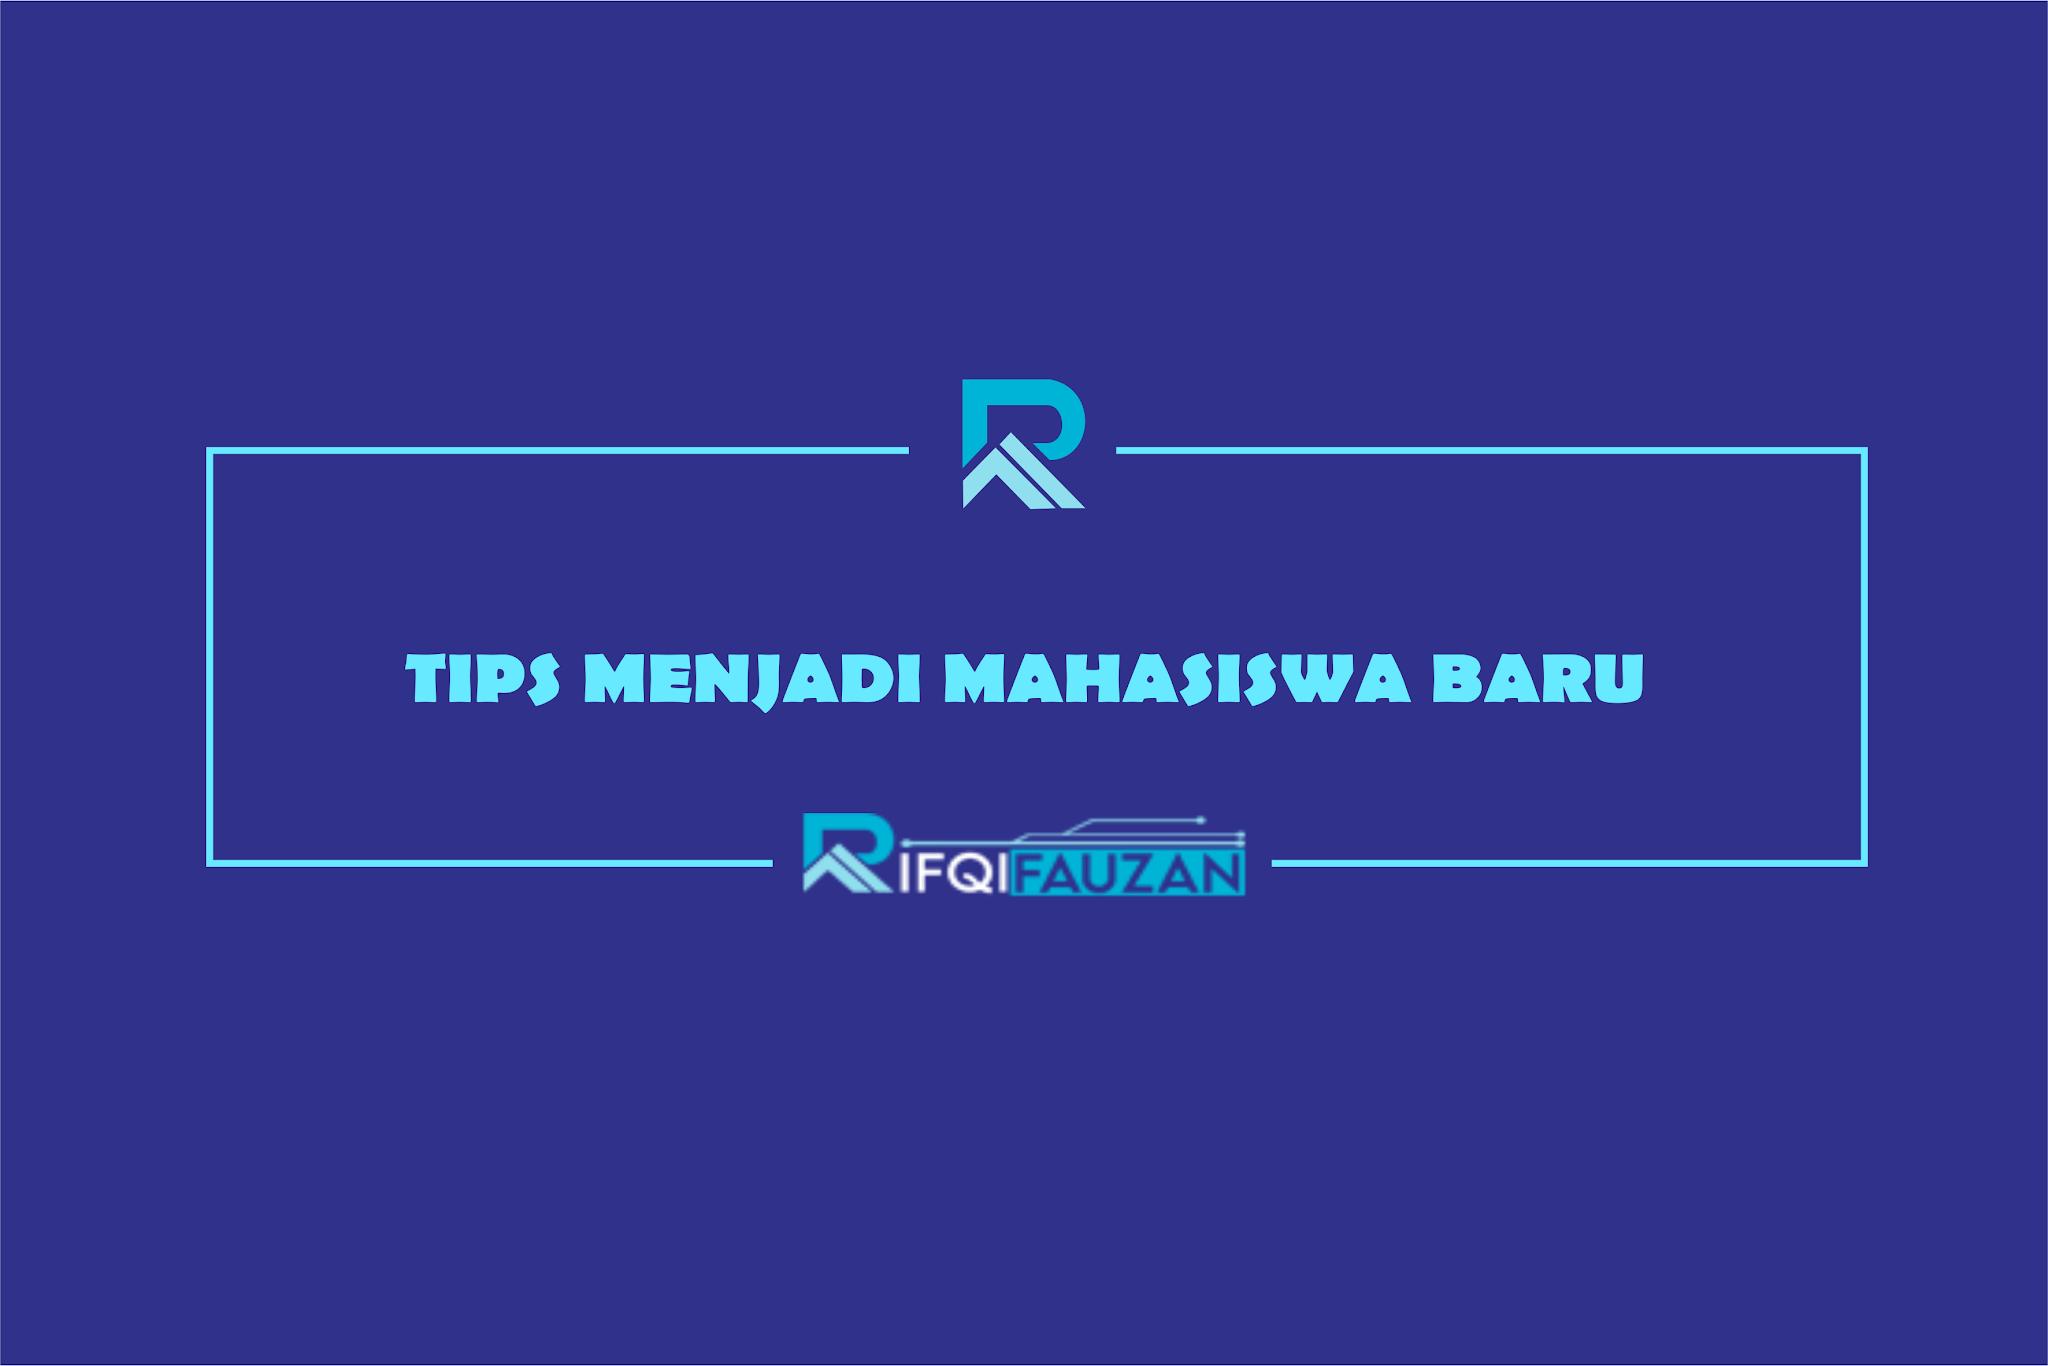 MAHASISWA BARU GAK USAH KIKUK KETAHUI TIPE, TIPS DAN TRIKNYA KETIKA KAMU JADI MAHASISWA BARU !!!